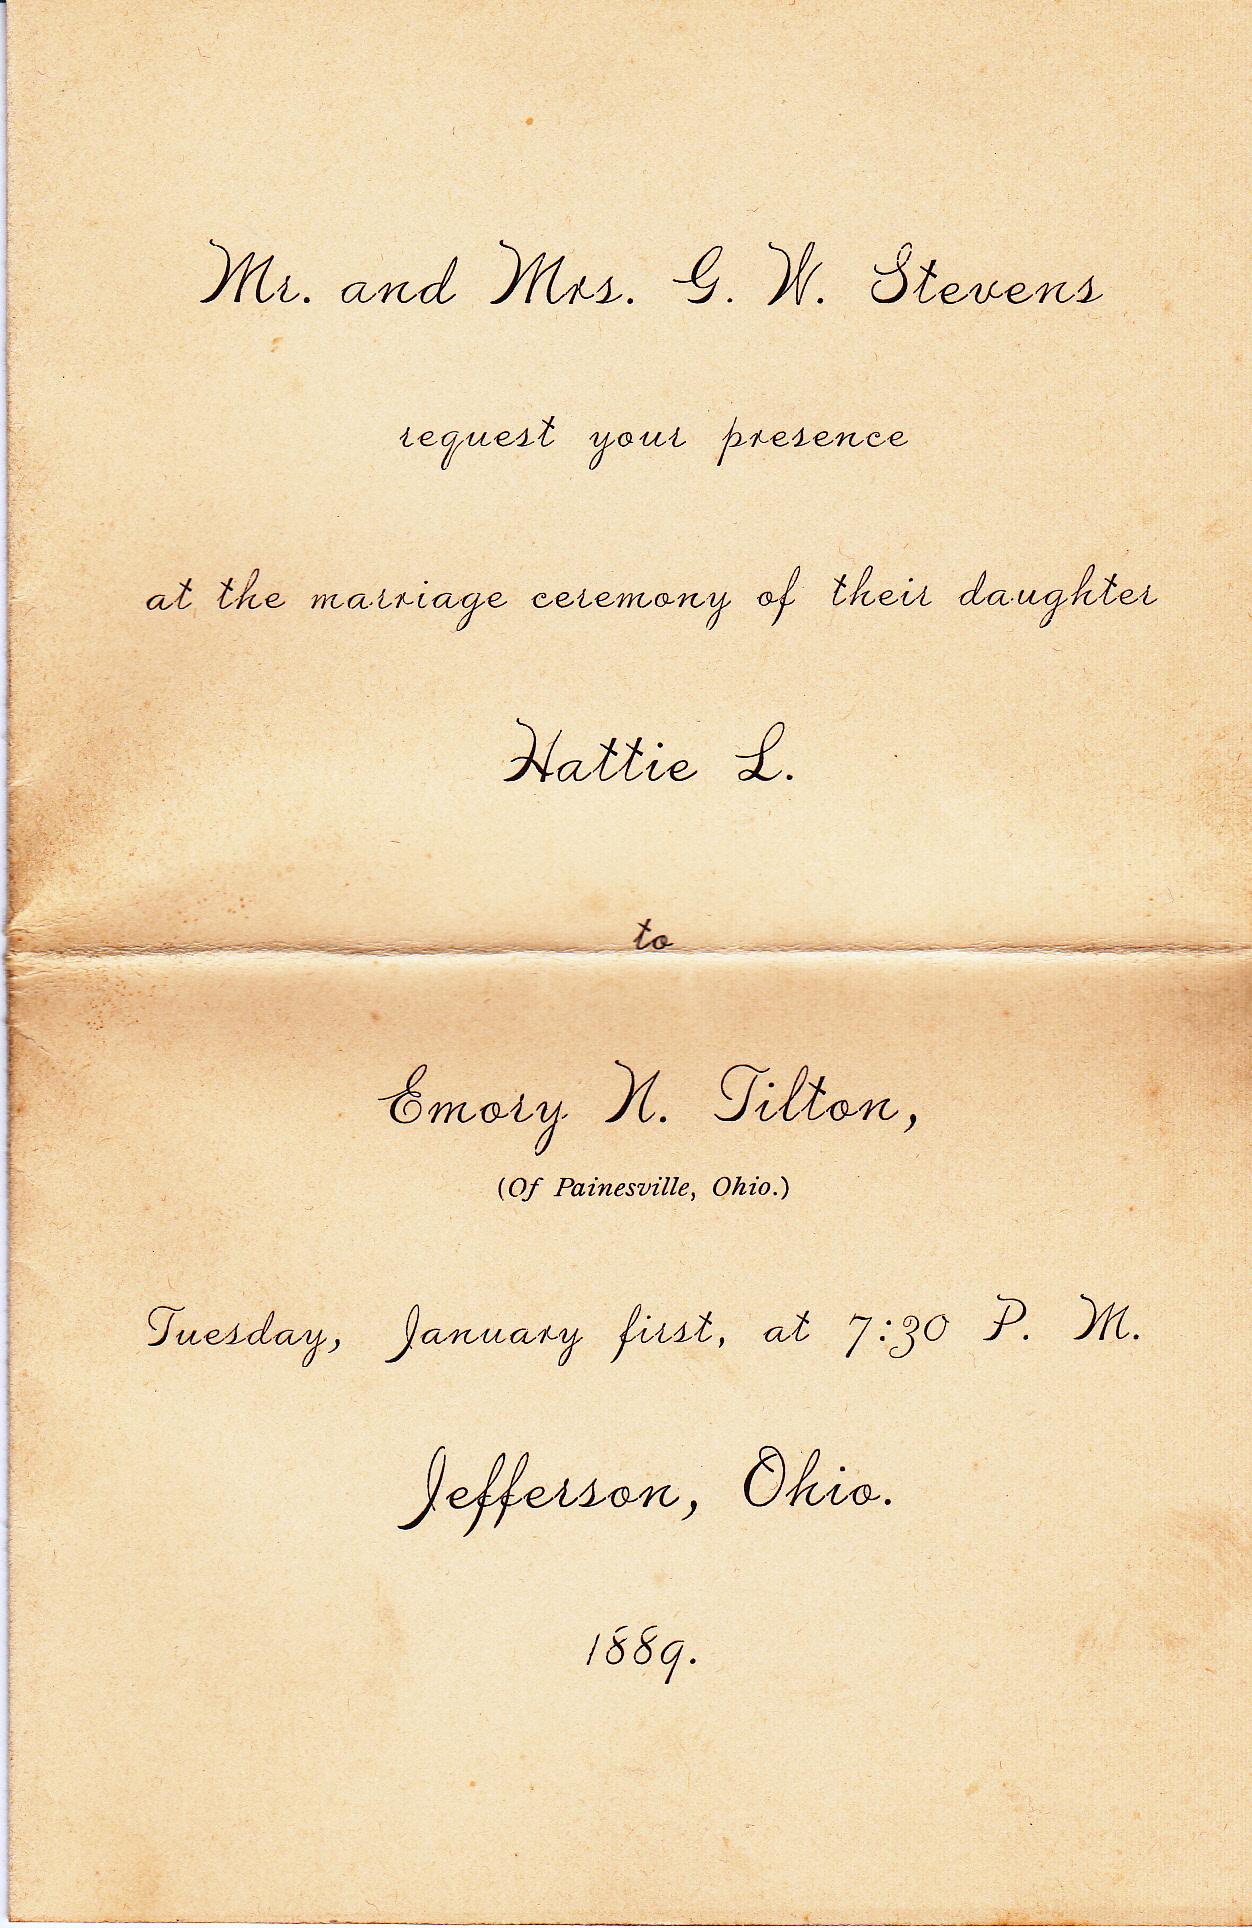 Nehemiah Tilton